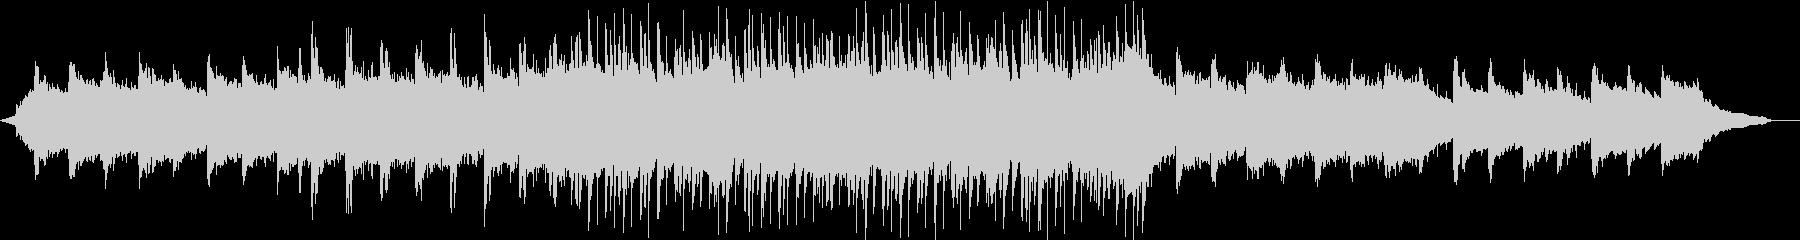 陽気なロックのコーポレートBGM②の未再生の波形